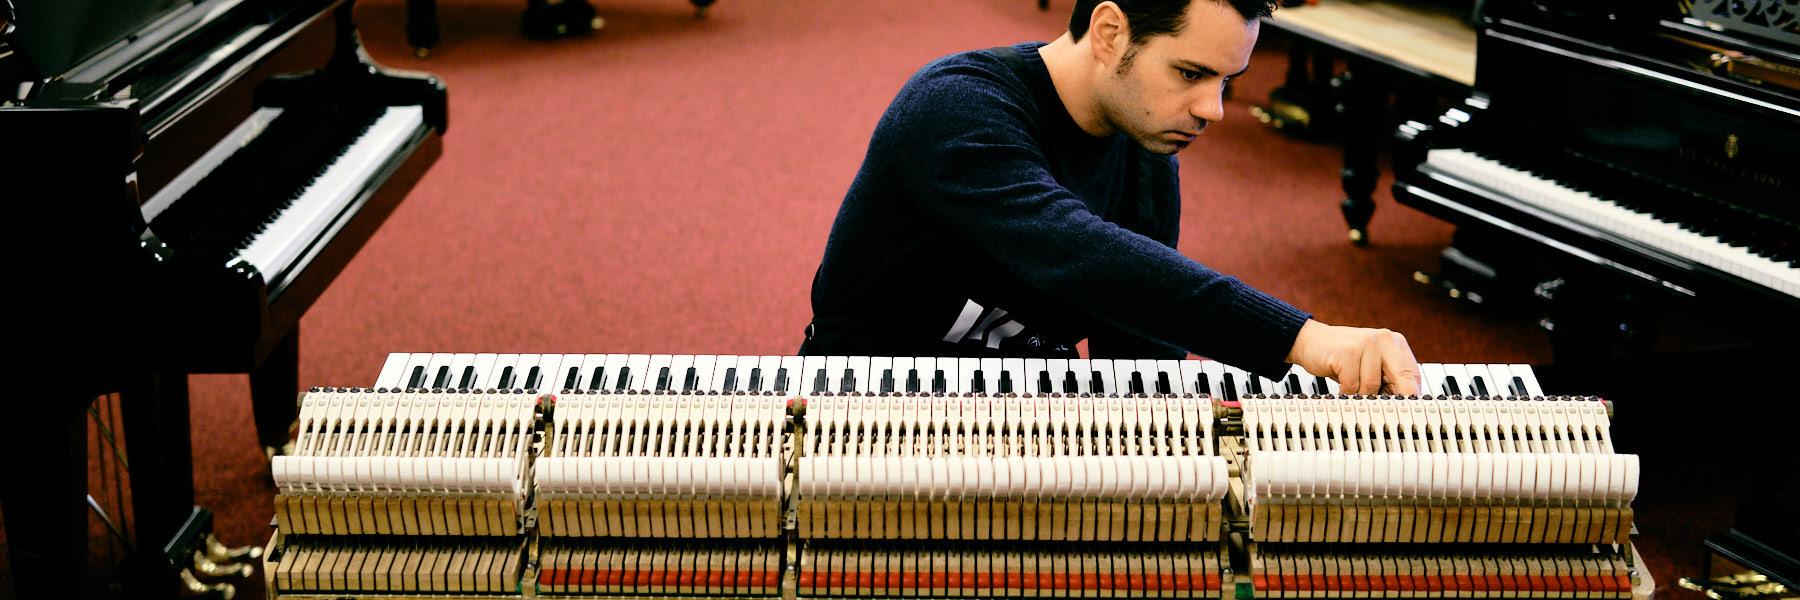 Van Dongen Piano's Pianostemmer 5 tim leguijt fotografie